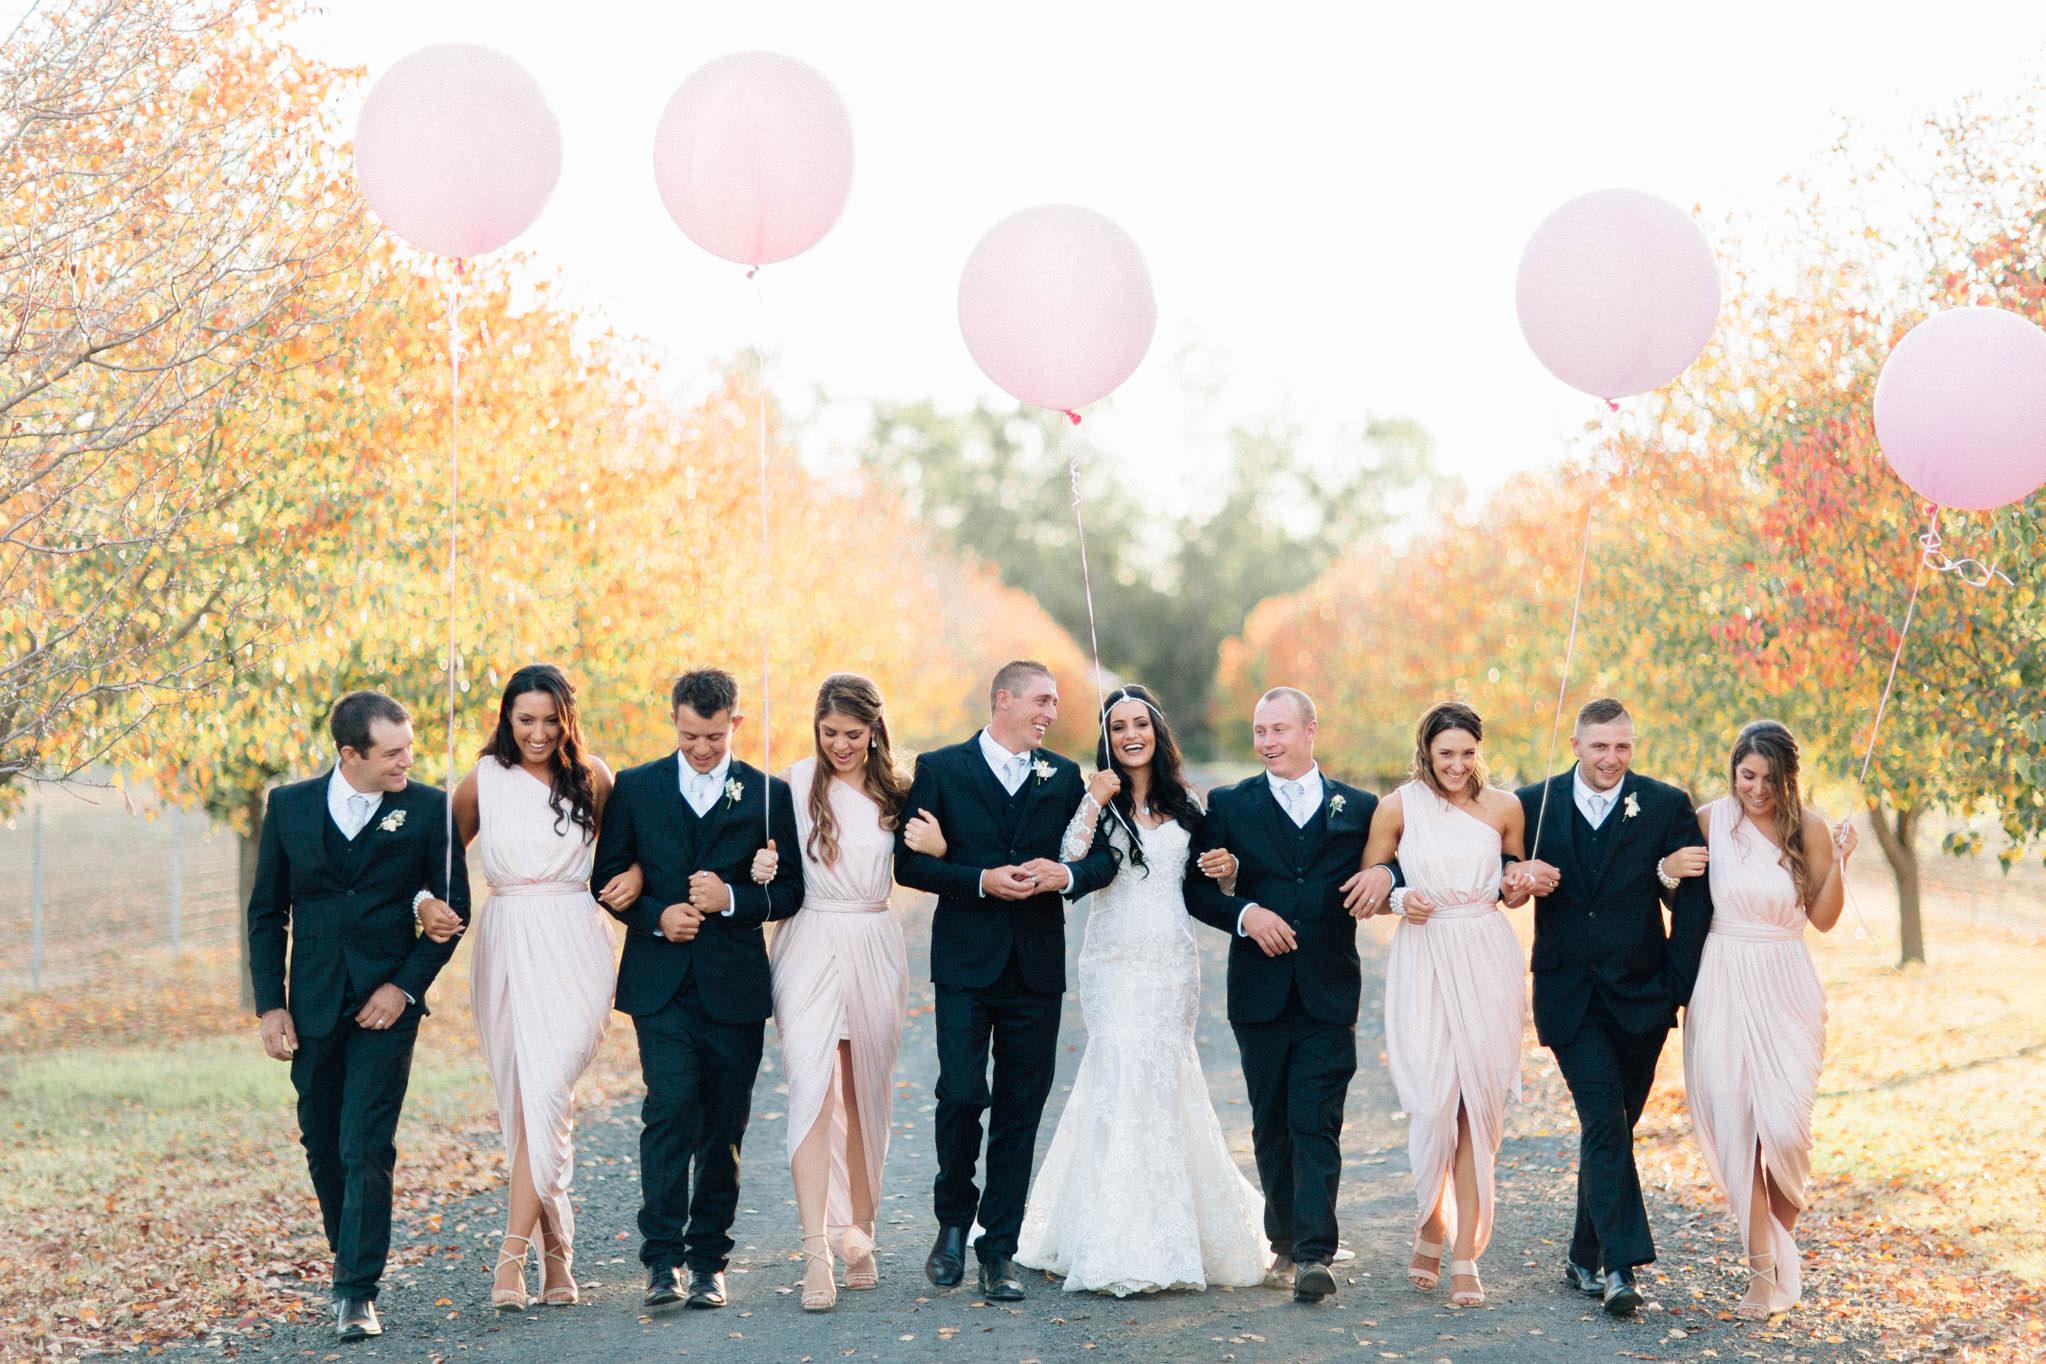 WeddingPhotos_Facebook_2046pixels-1541.jpg